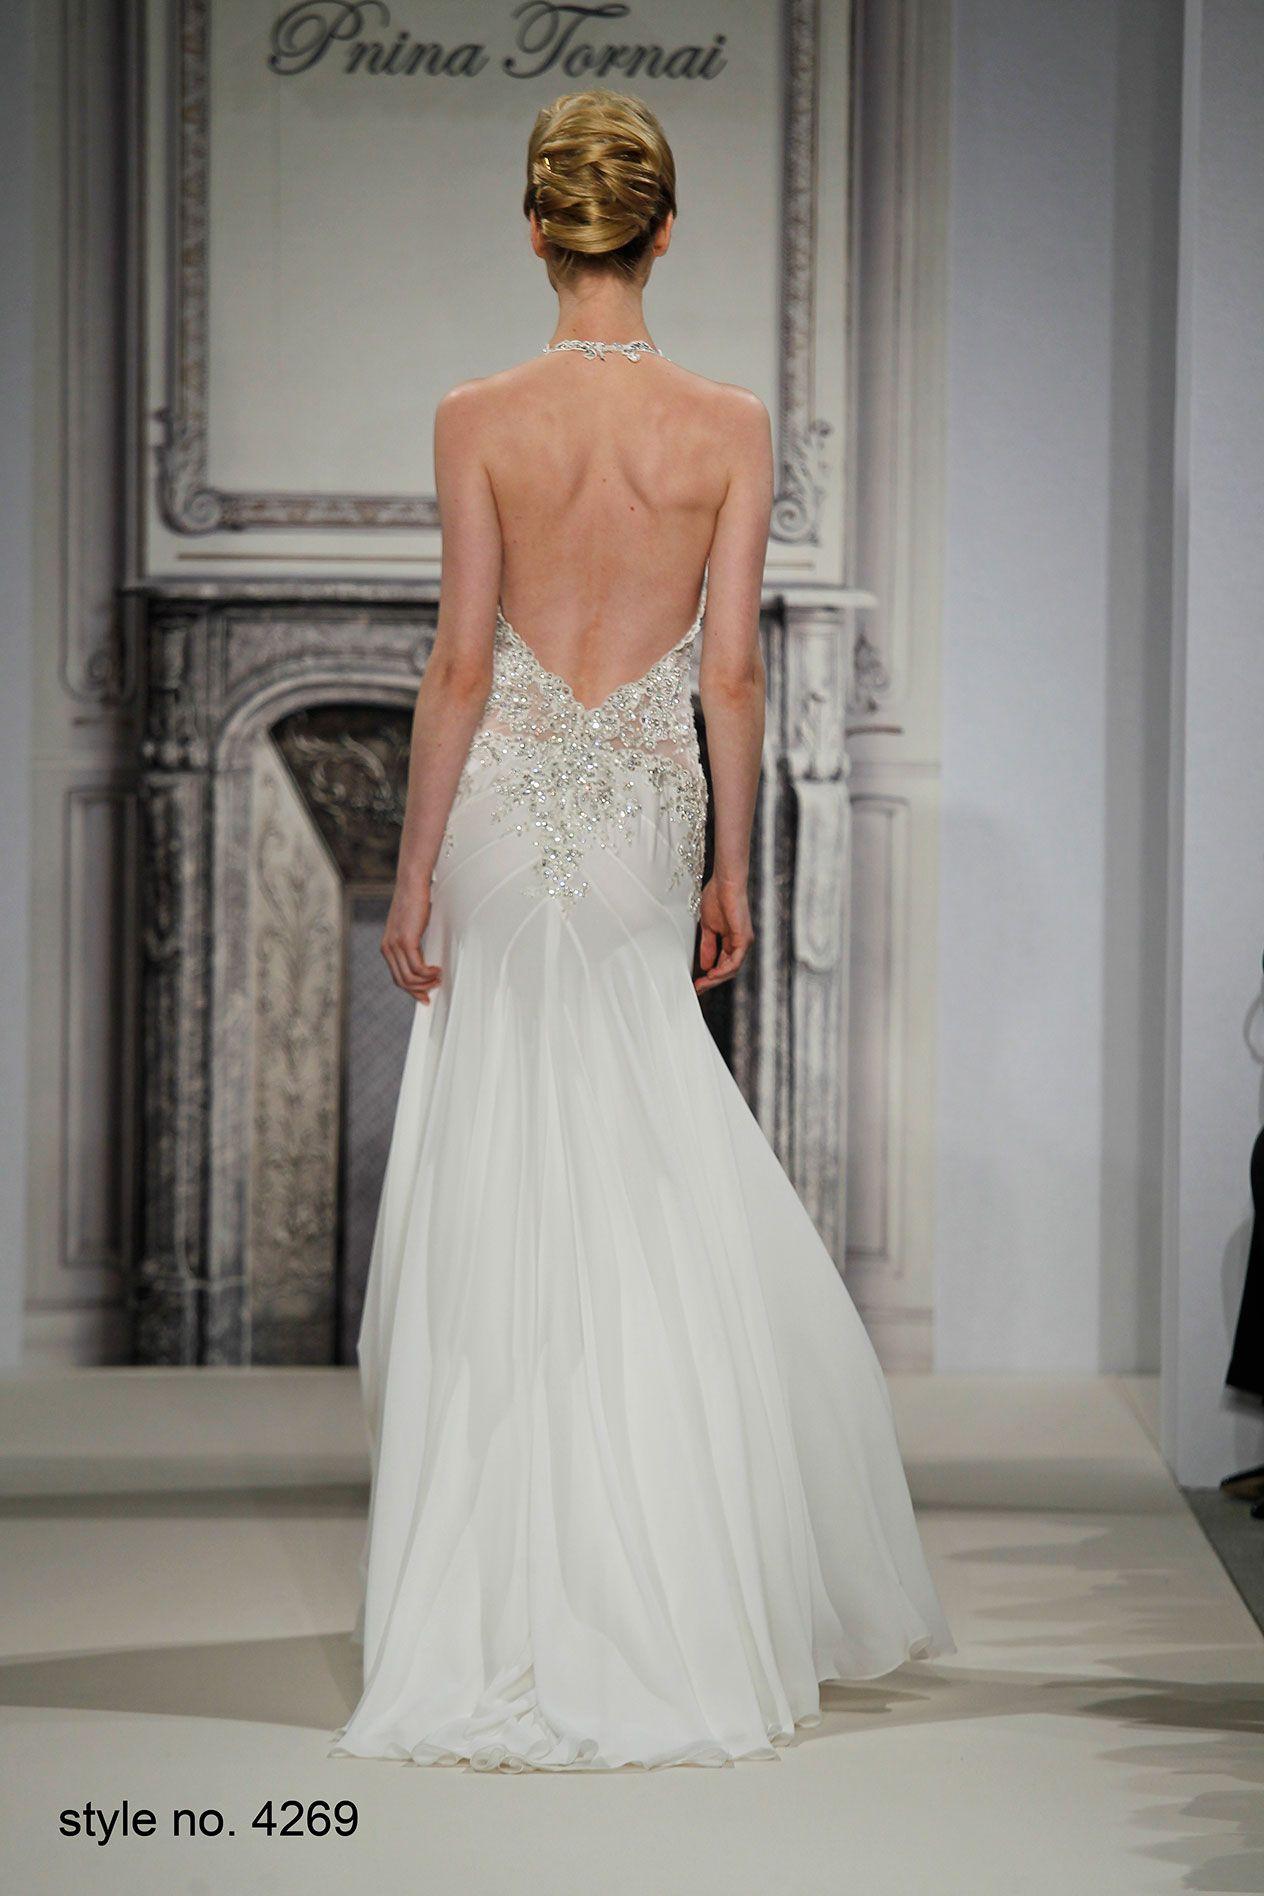 Pnina Tornai Style 4269 Back Pninatornai Pnina Crystals Wedding